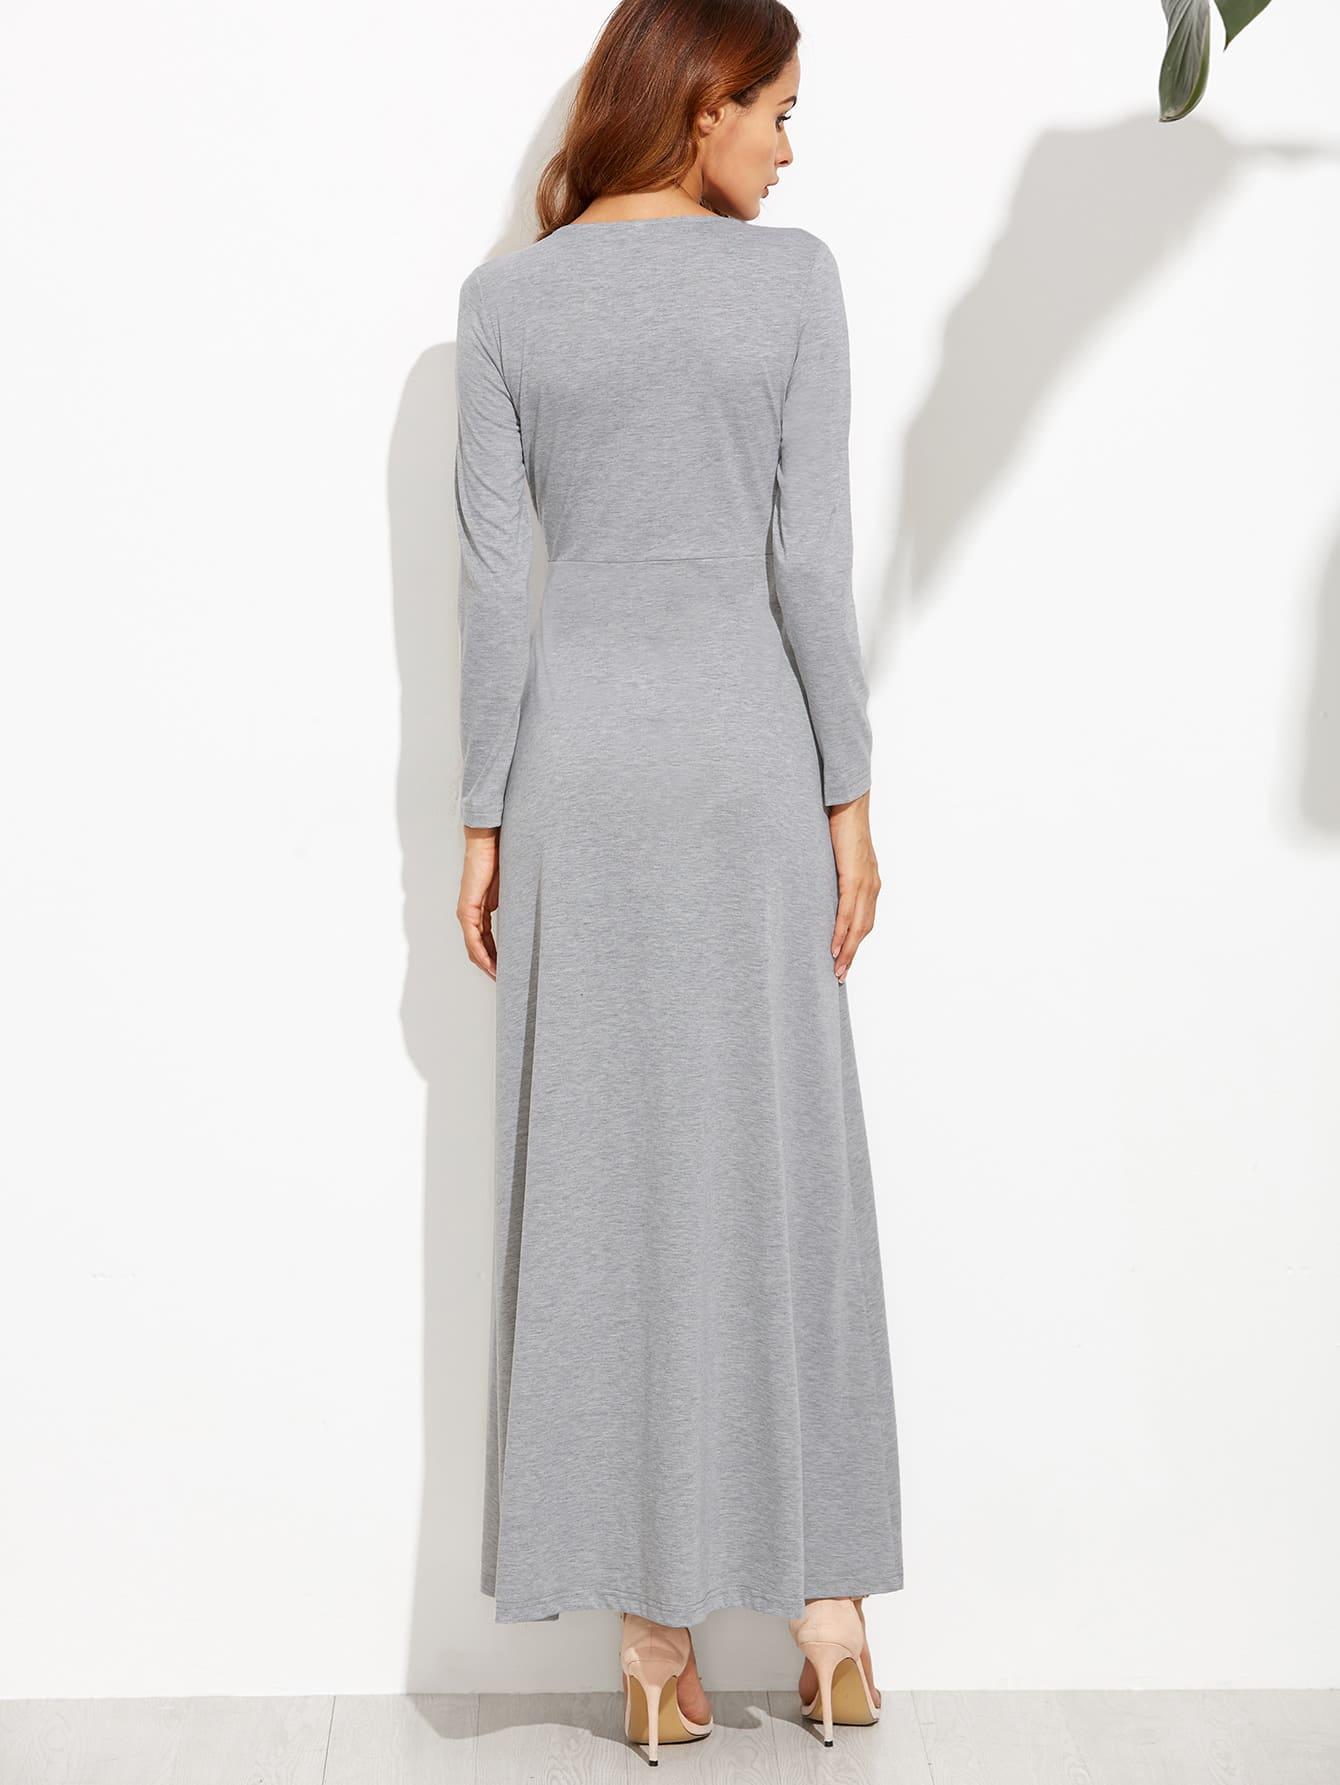 dress160819507_2